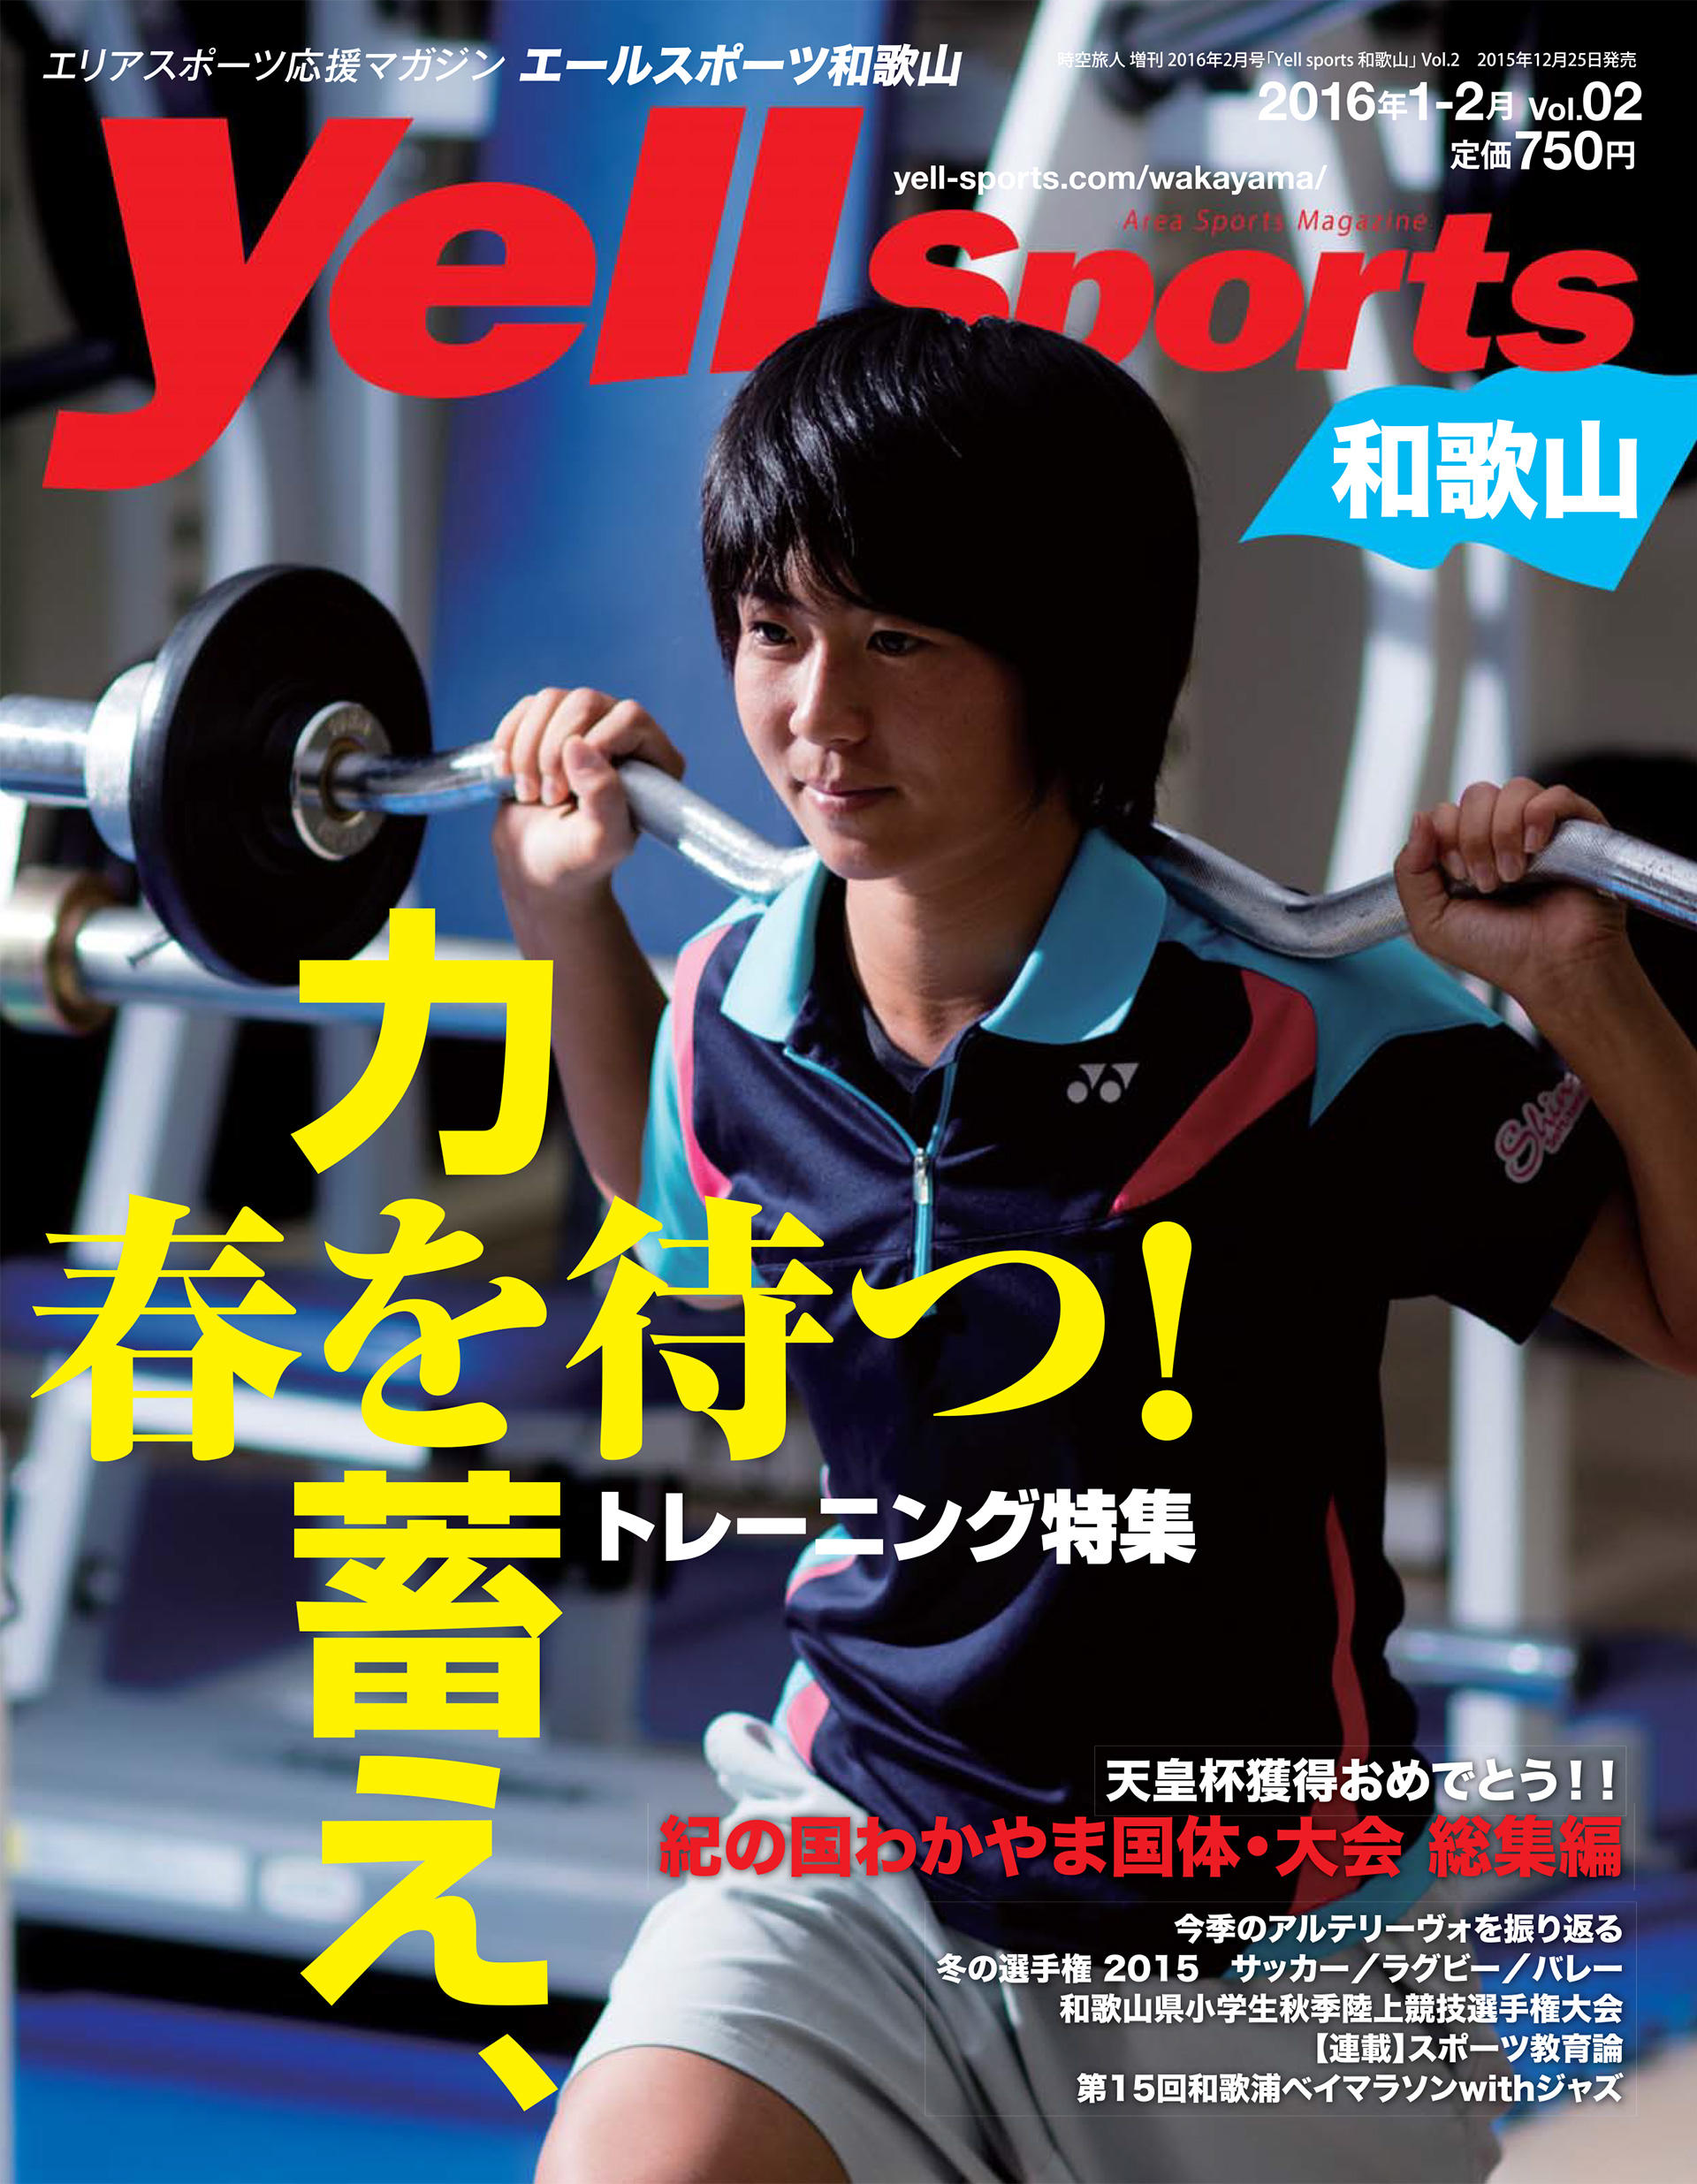 http://yell-sports.com/wakayama/article/2016/ysw_h1.jpg